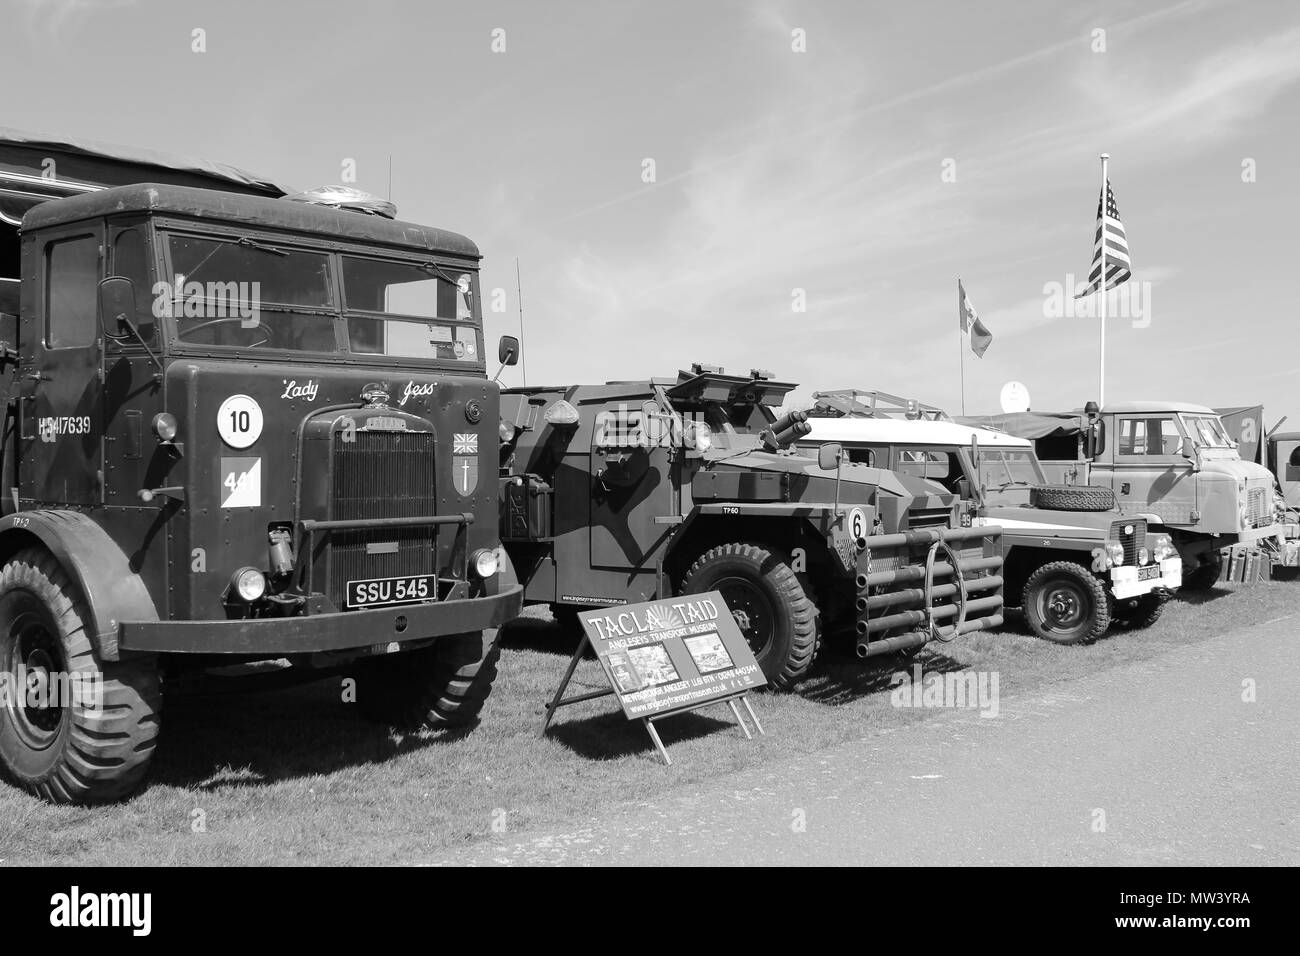 Military Vehicles Show at Llandudno, Wales - Stock Image